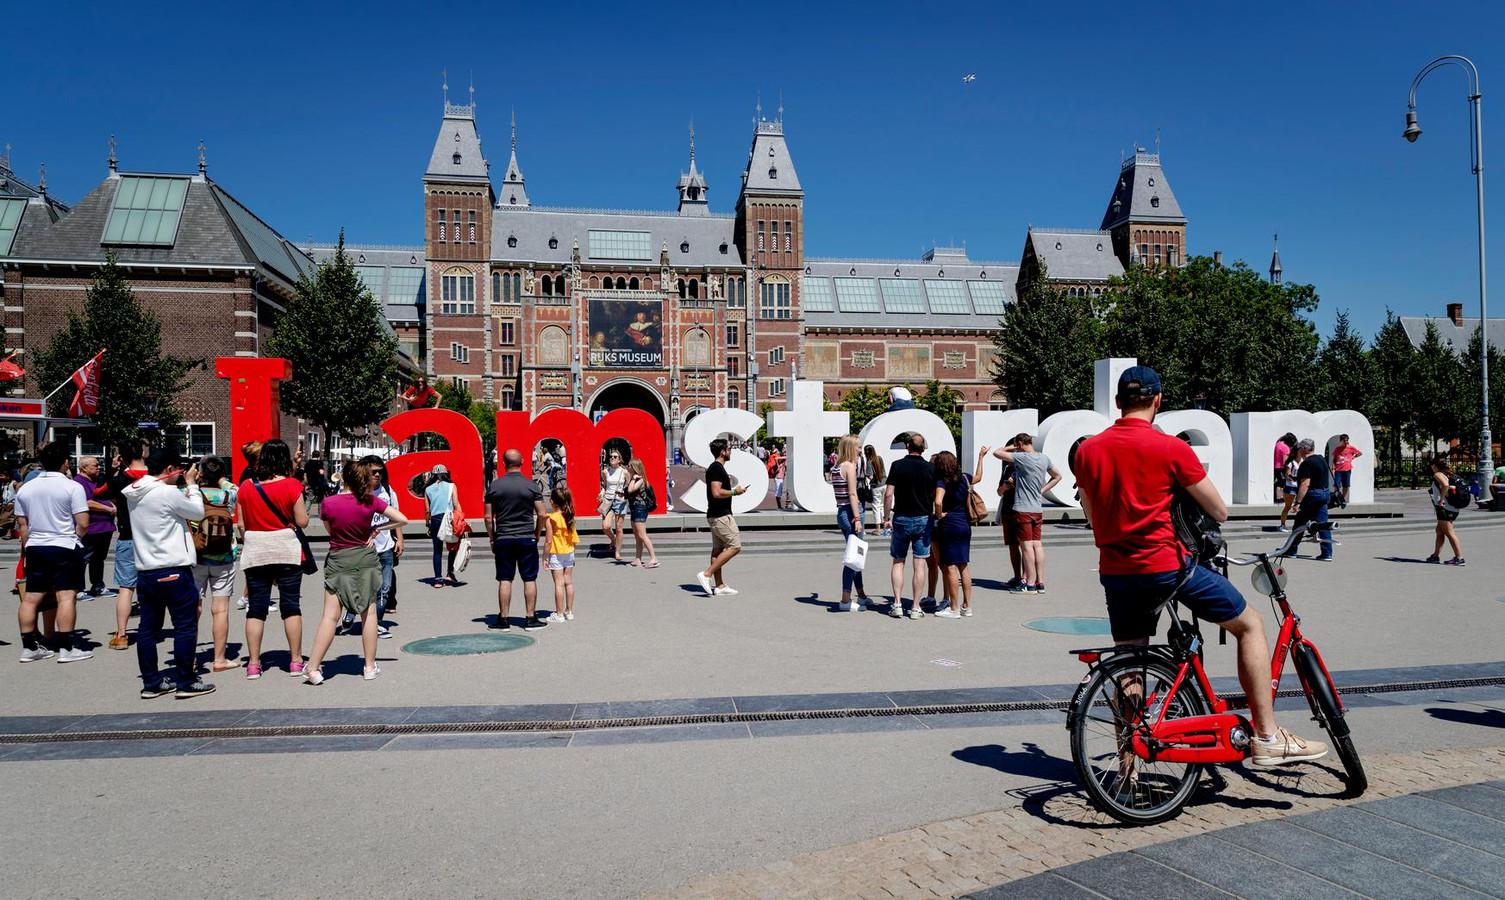 Het logo 'I amsterdam' op het Museumplein.